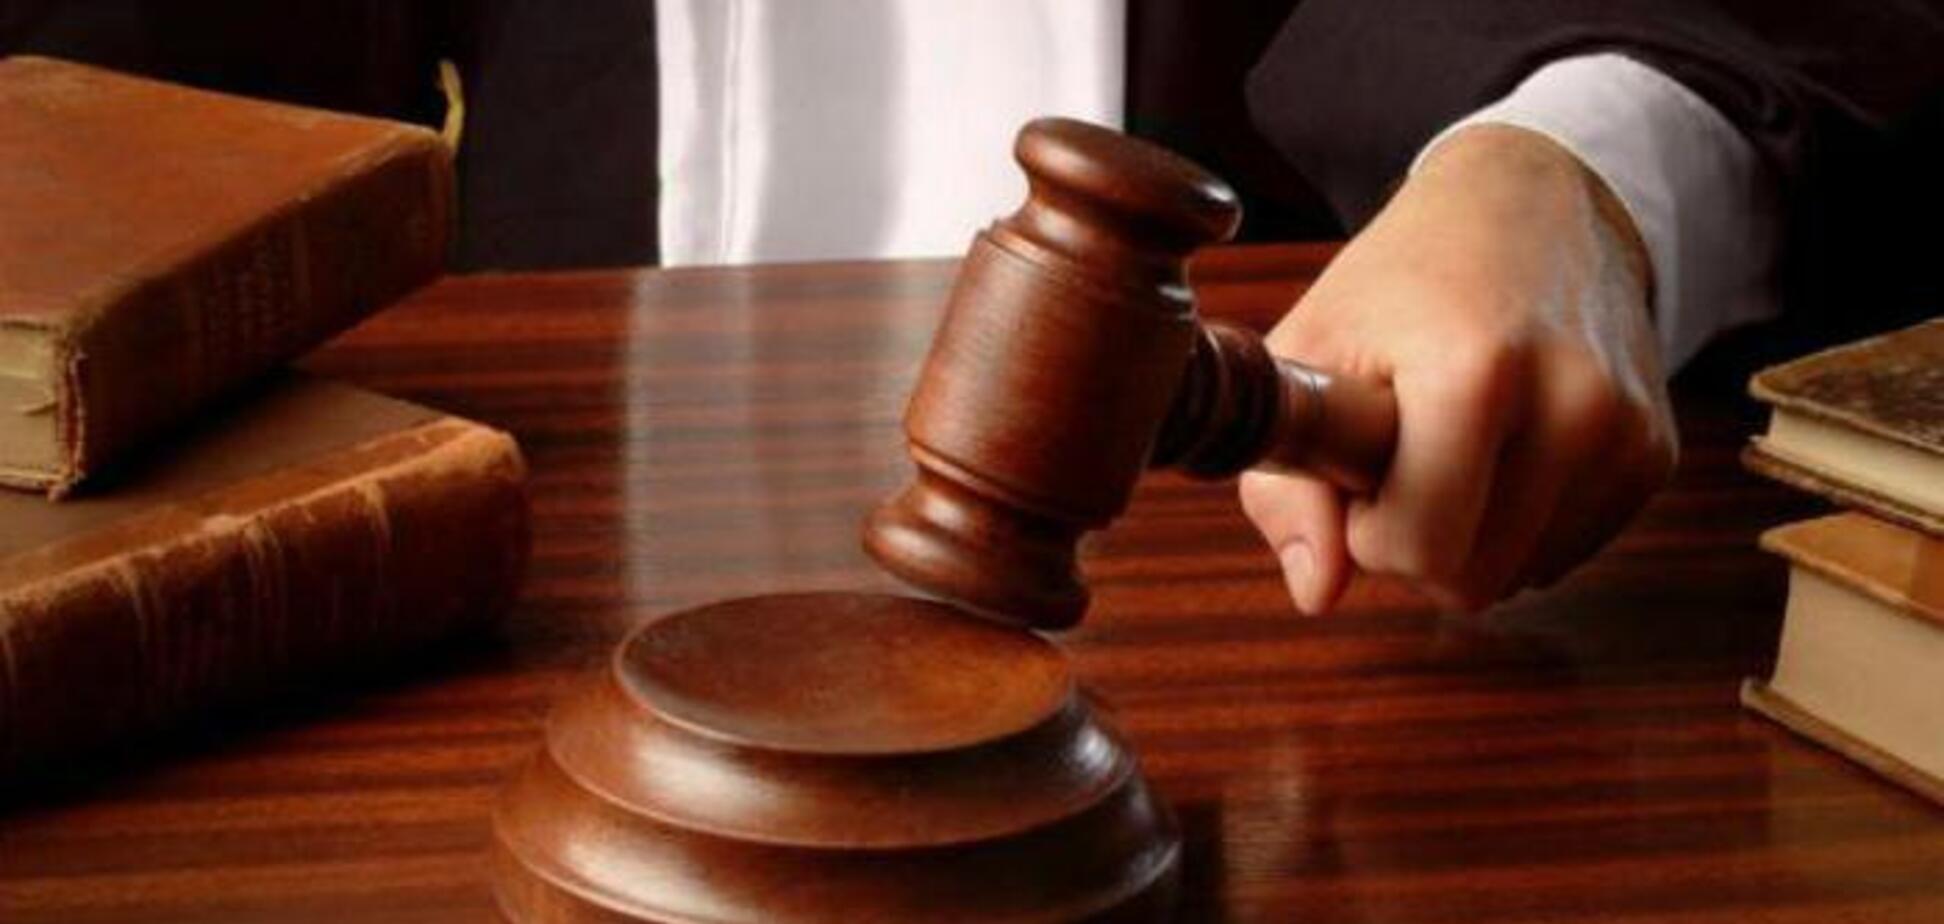 Высший совет правосудия обвинил активистов в клевете против троих судей